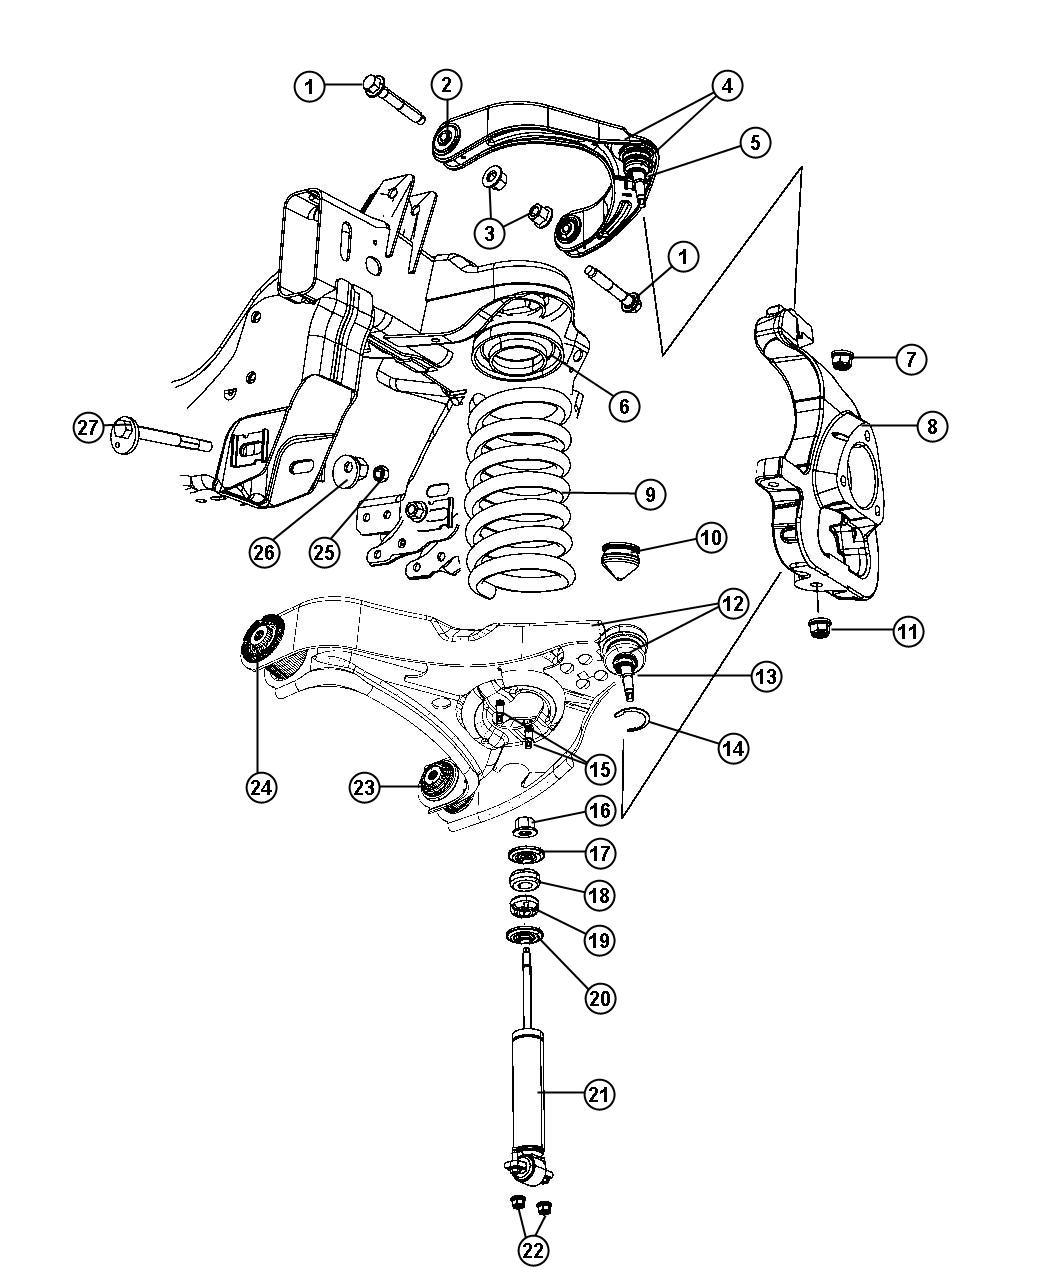 2012 Dodge Ram 3500 Shock absorber kit, shock absorber